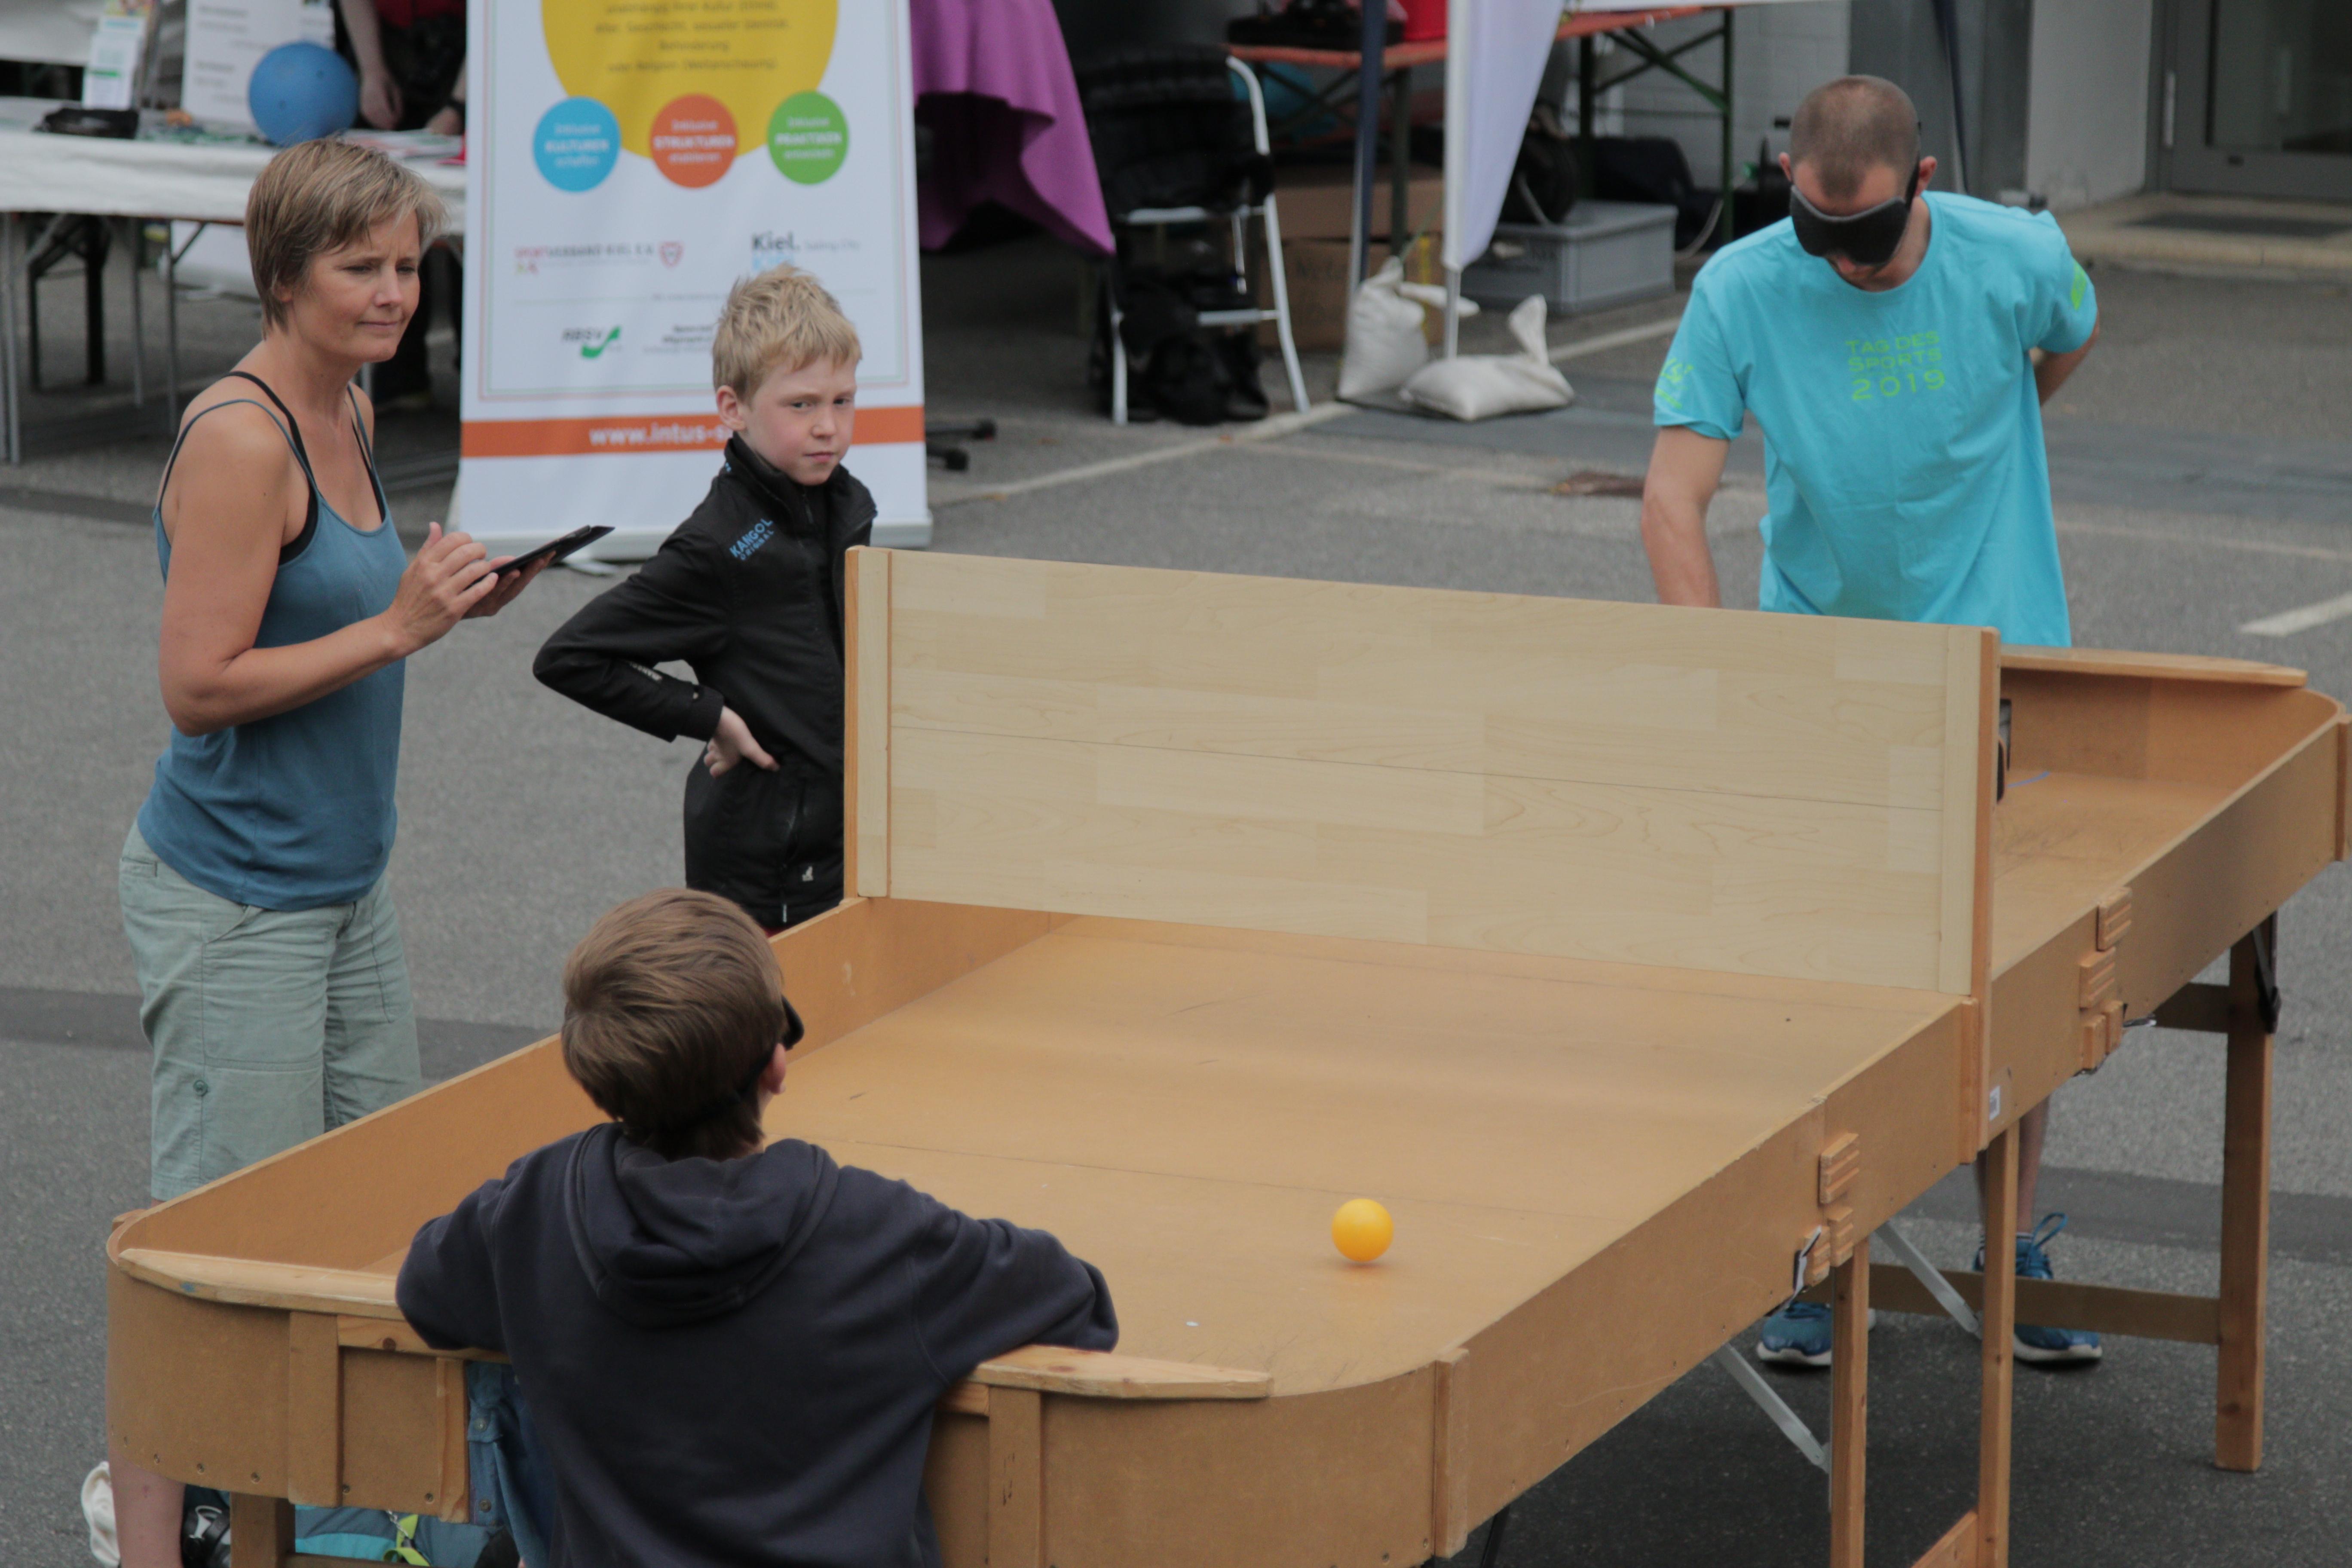 Herr Brammer vom LFS und ein Schüler spielen Show Down.